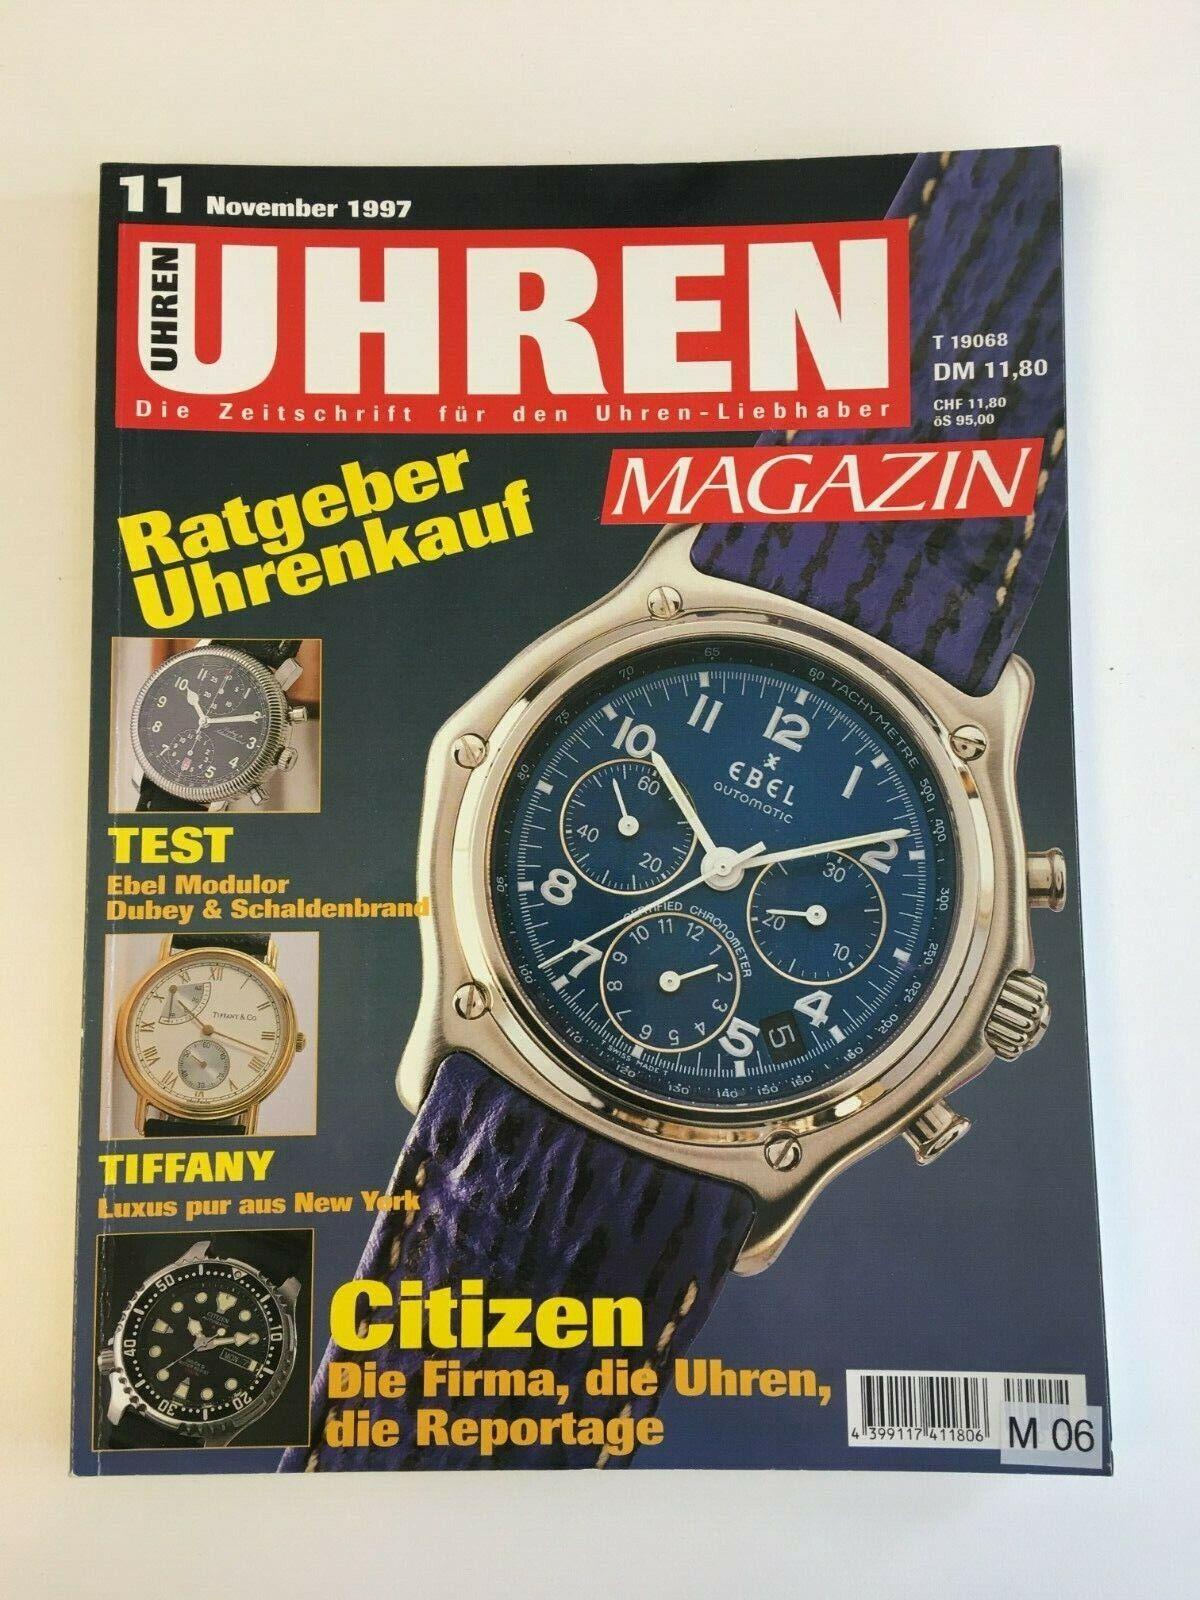 Uhren Magazin November 1997 - Ebel - Ratgeber Uhrenkauf ( M06 )